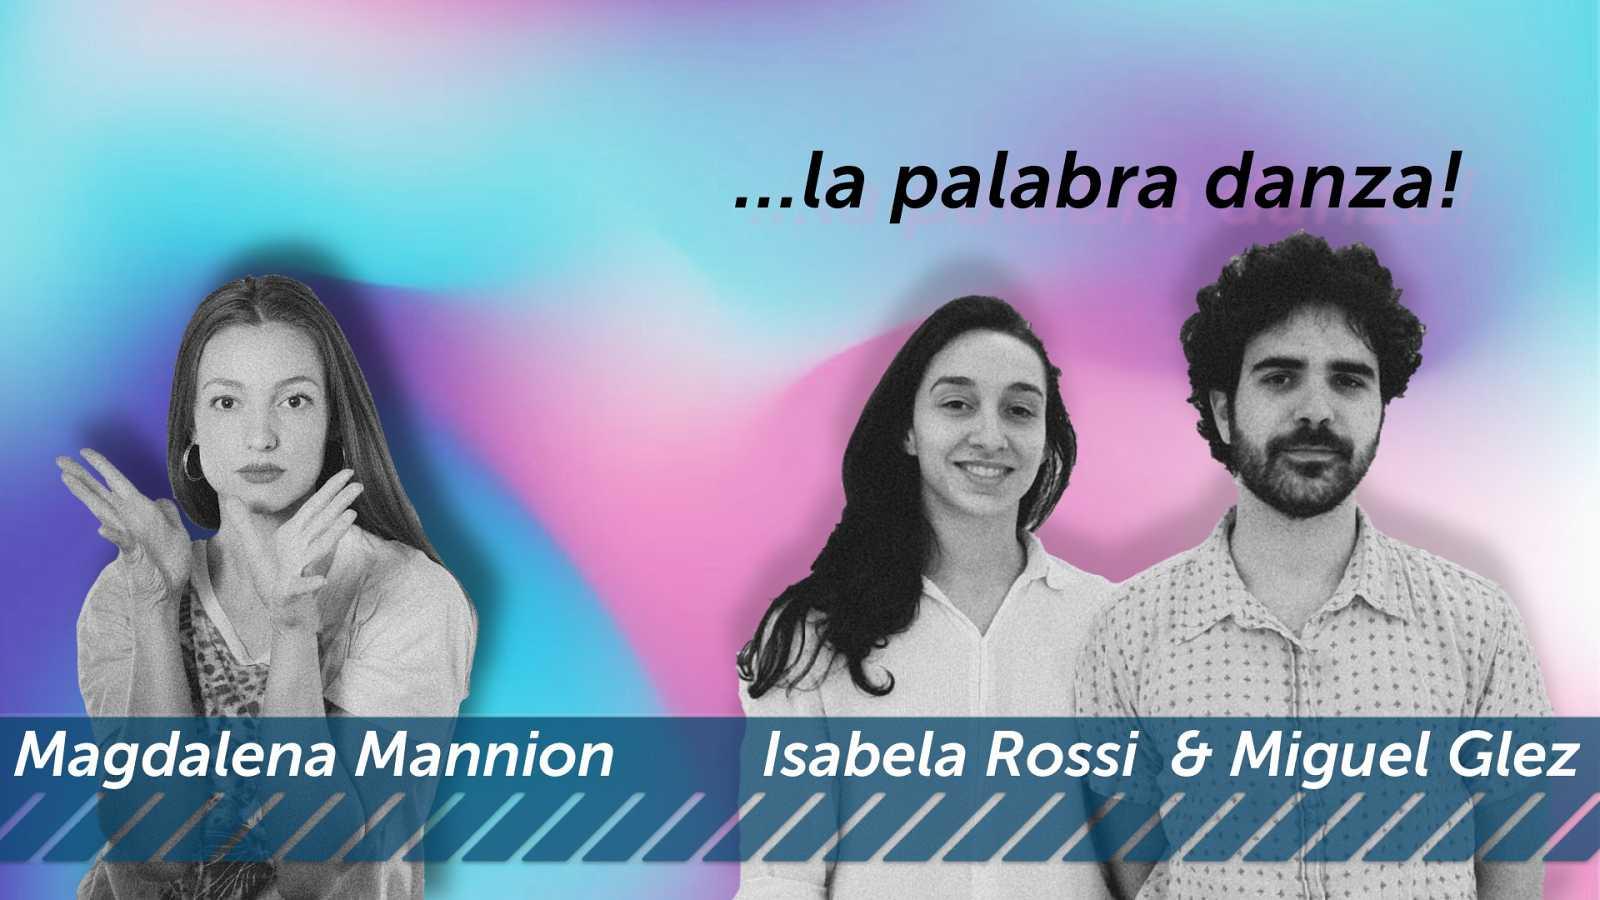 Buzón de Baile - CONDESCENDENCIA - INCONFORMIDAD - 04/03/21 - ver ahora